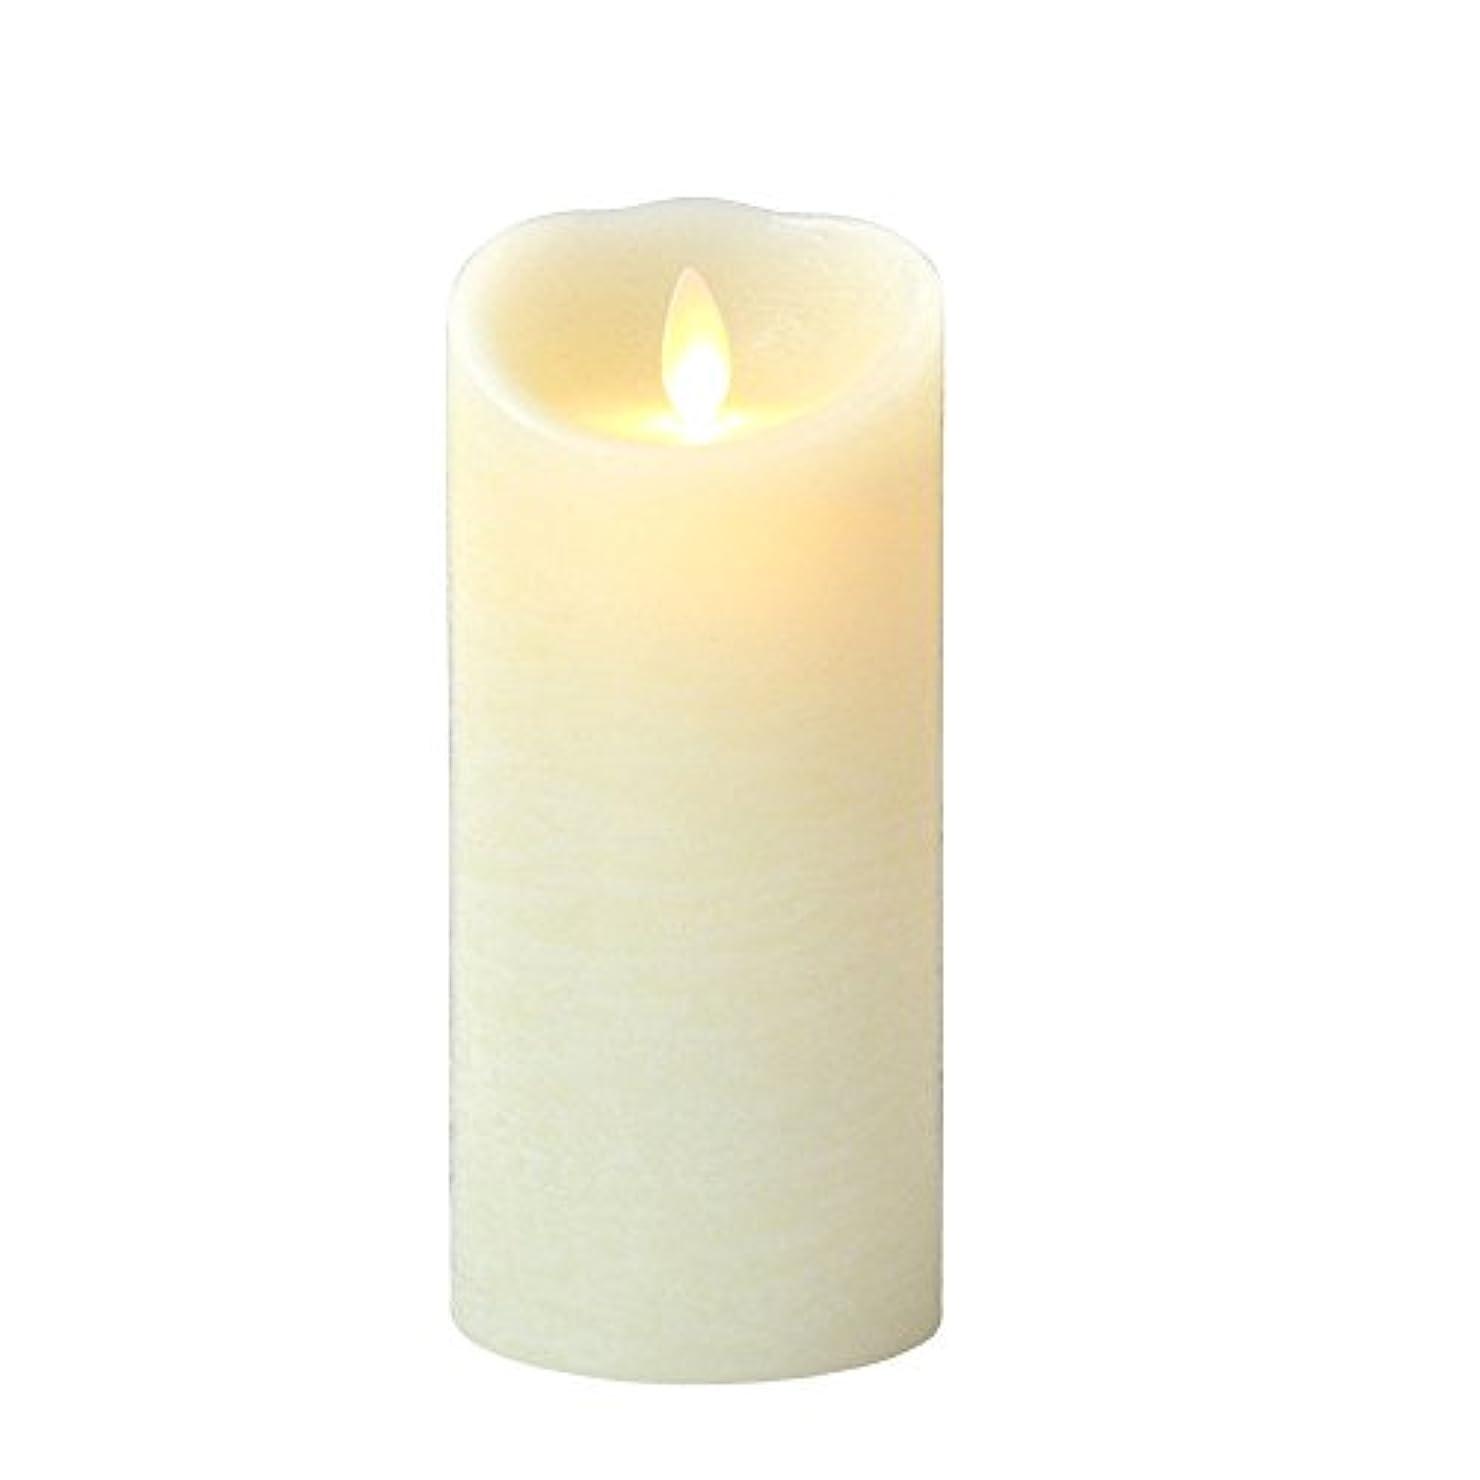 変更ロッジ刈り取る癒しの香りが素敵な間接照明! LUMINARA ルミナラ ピラー3×6 ラスティク B0320-00-20 IV?オーシャンブリーズ